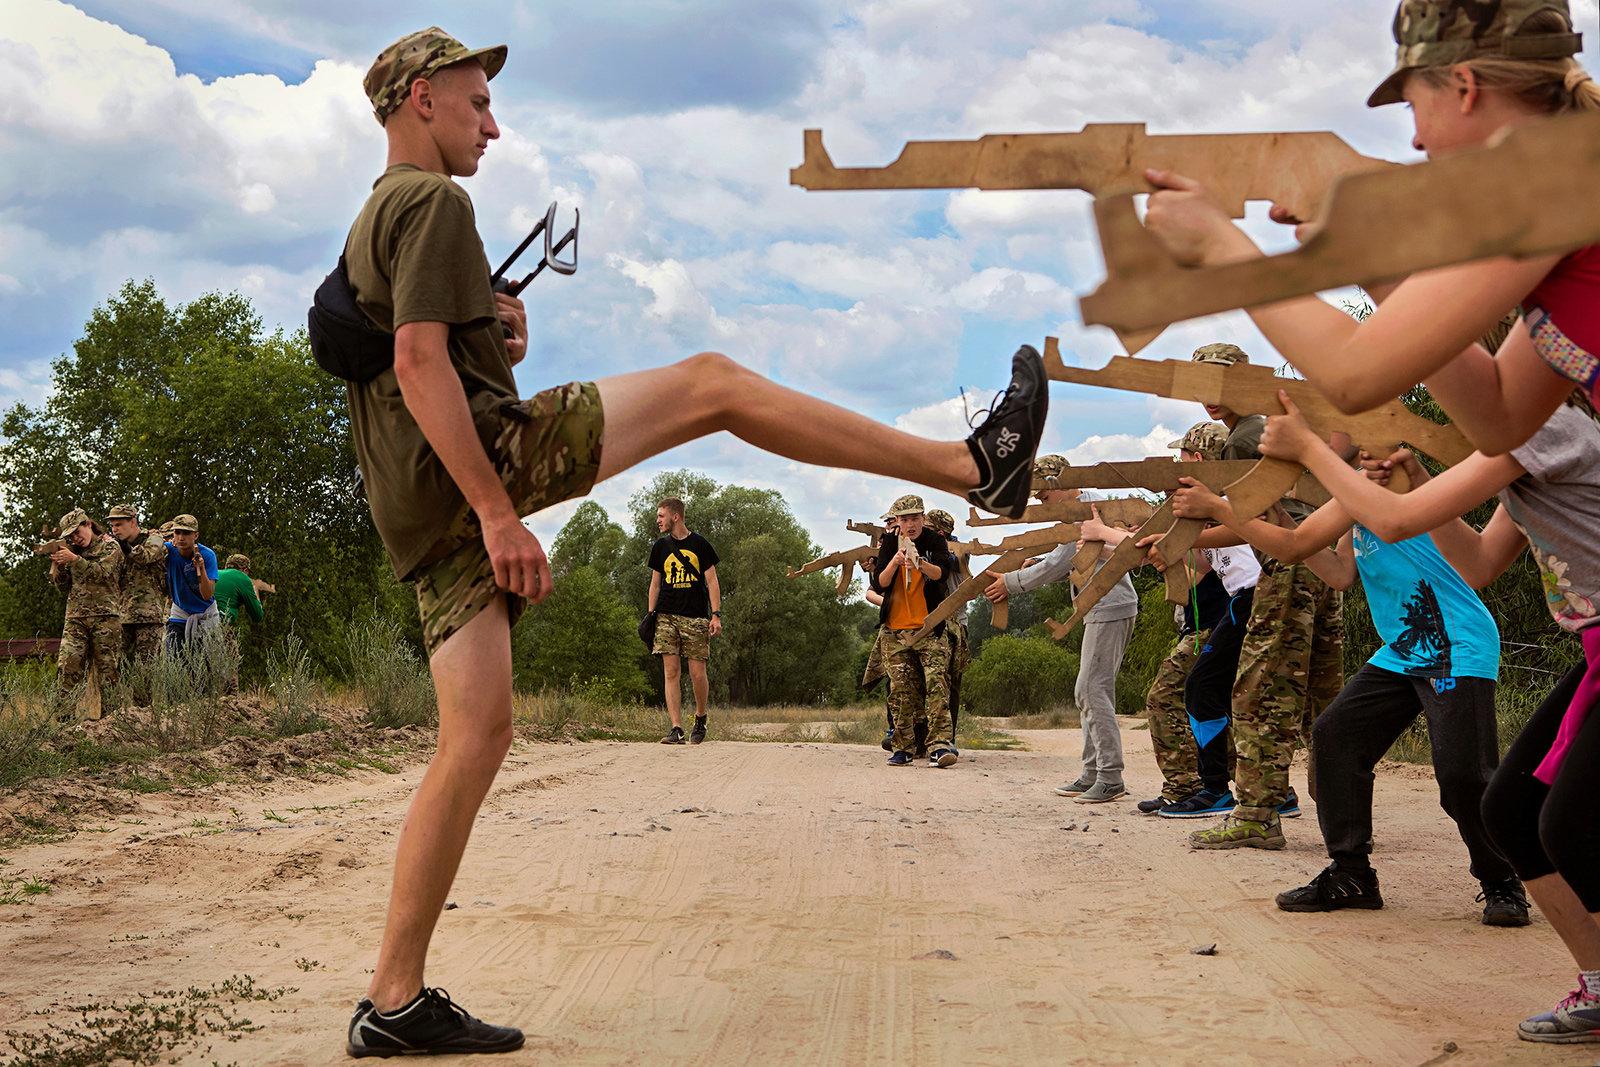 Mehrere Kinder zielen mit Holzgewehren auf einen Campleiter